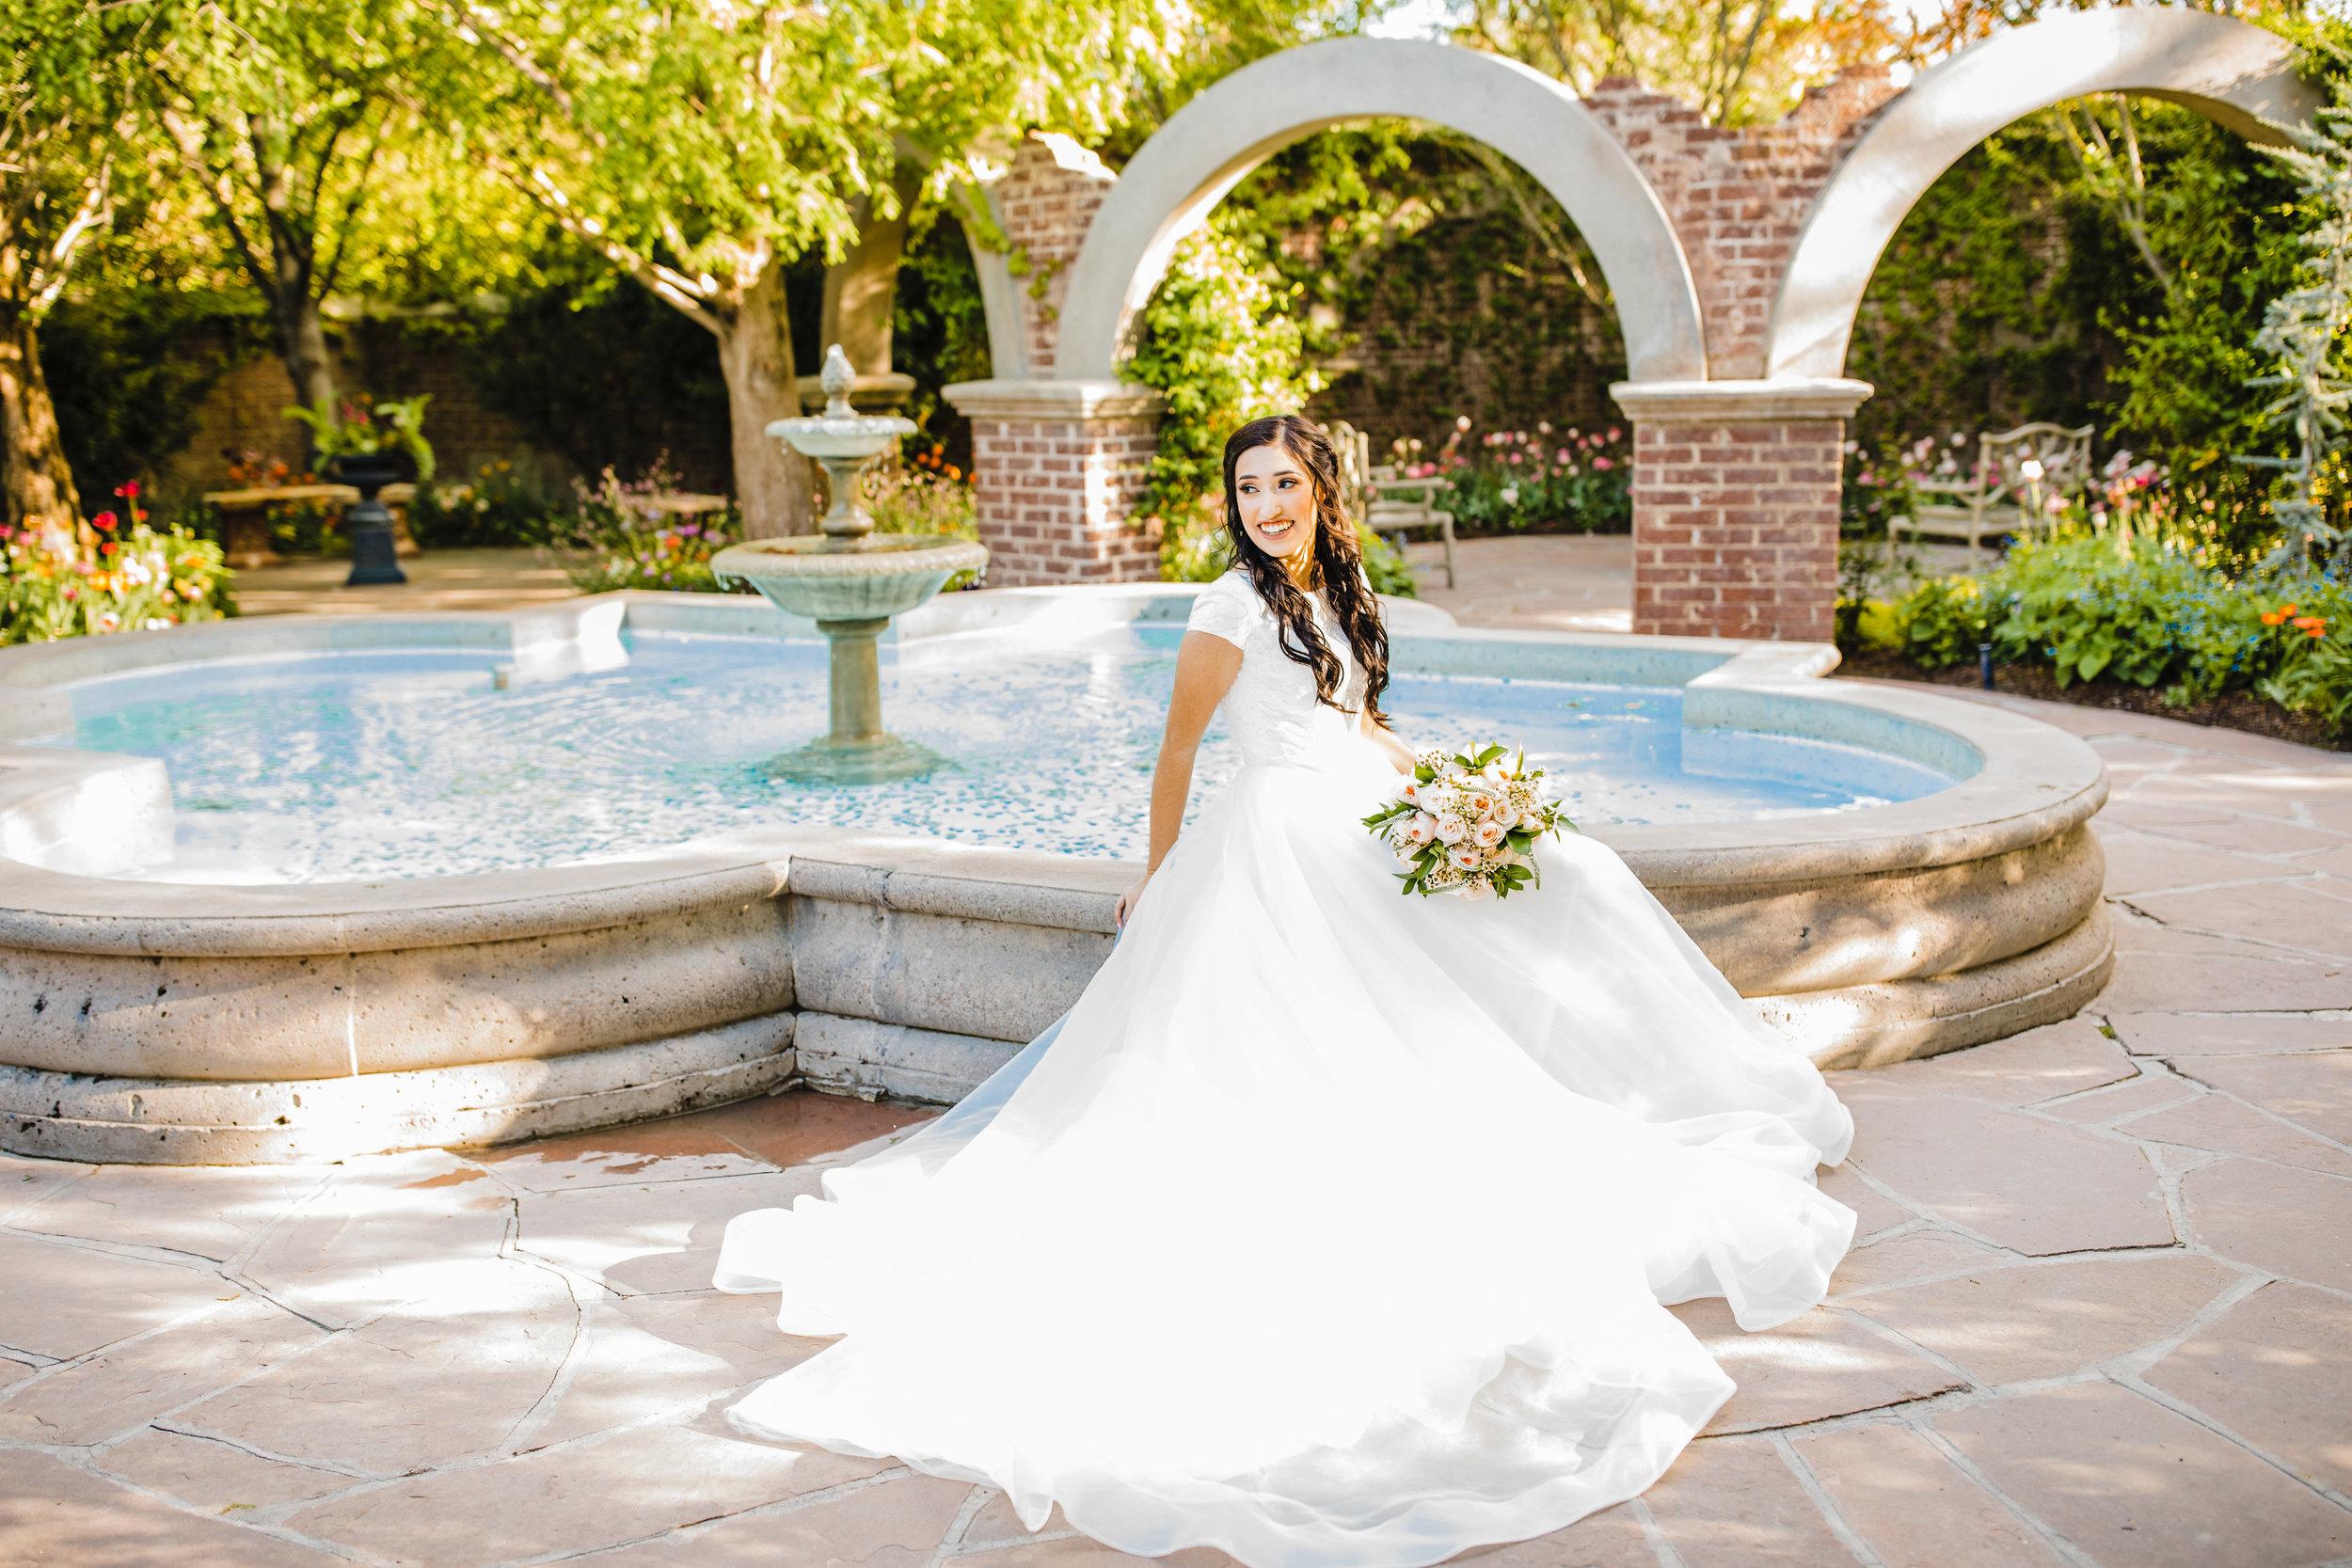 bride at fountain arvada colorado wedding photographer professional wedding photos bridals formals arvada co